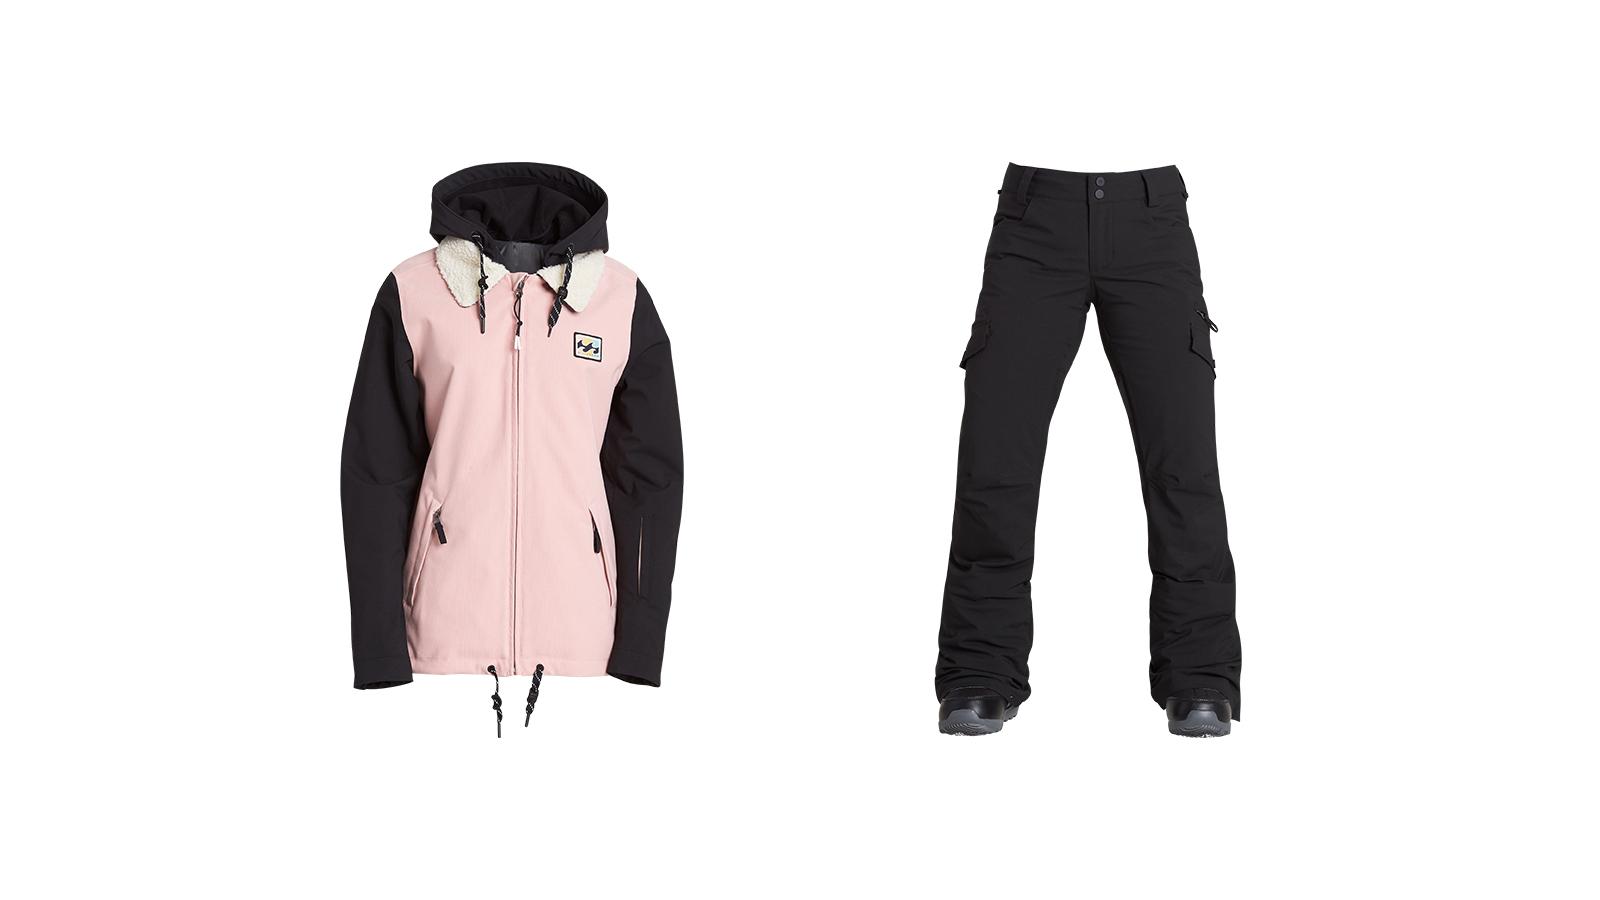 Coastal-jacket-with-Nela-pant-in-Black